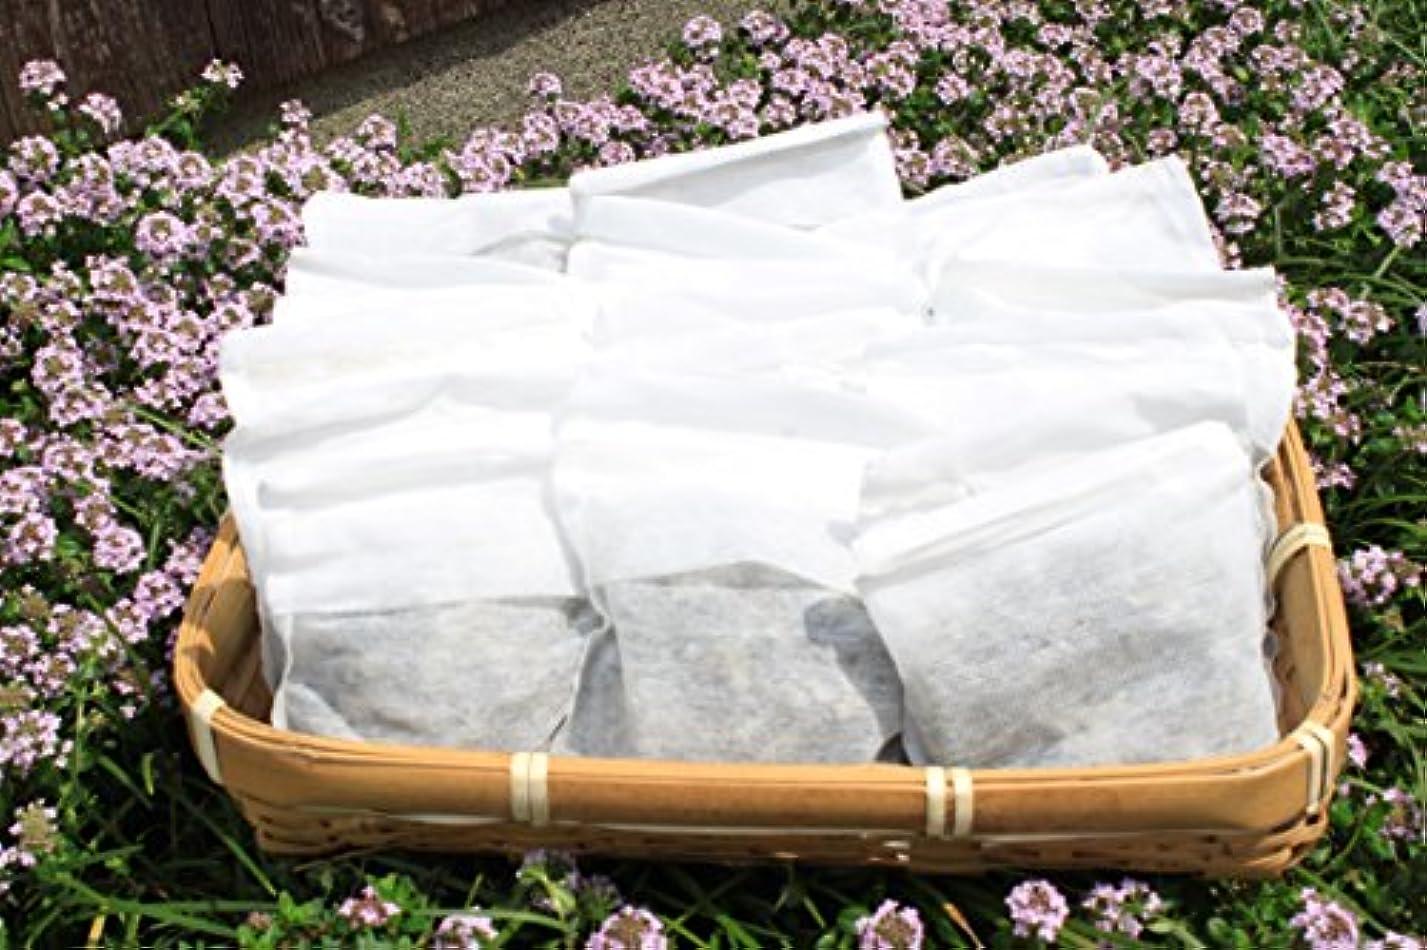 ほのか祭りむさぼり食う薬草パック よもぎ&ラベンダー&ヒマラヤローズソルト 800g(40g×20P)お風呂用